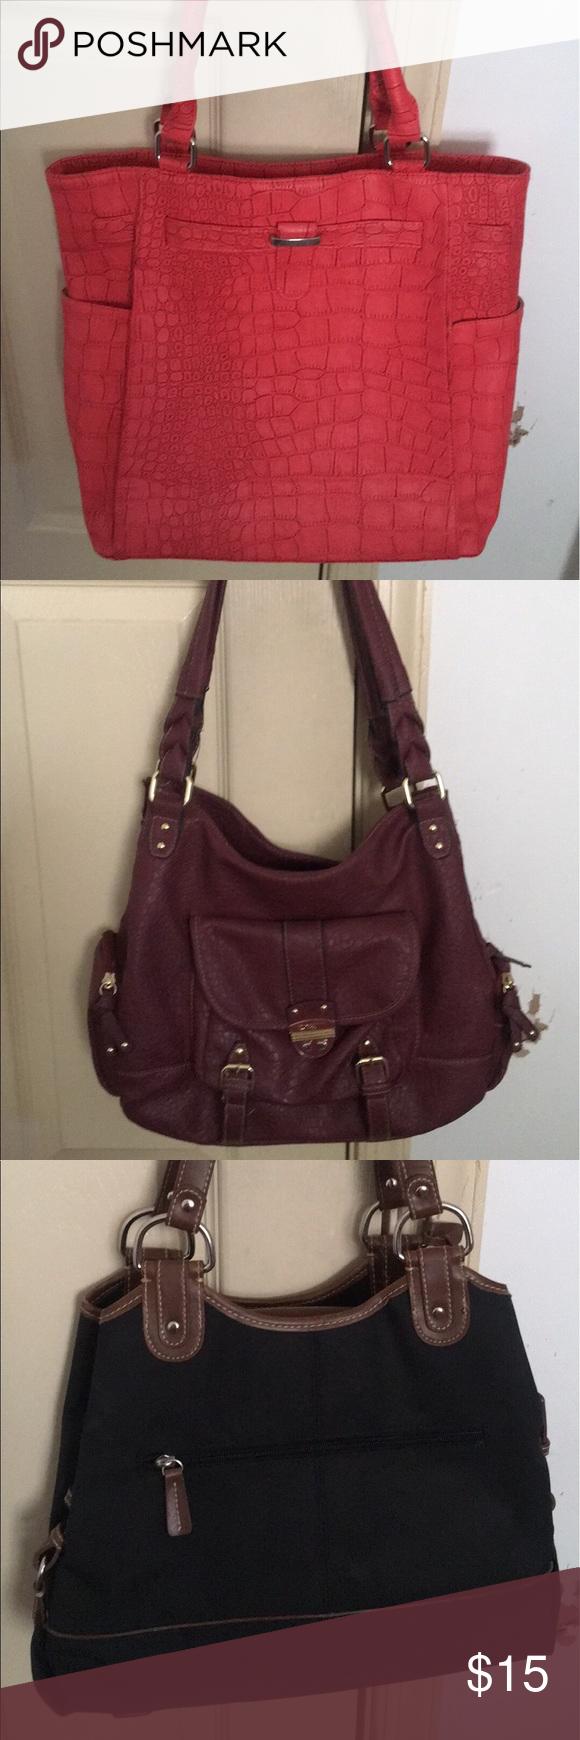 Cute fun spring/summer handbags Four cute fun lightweight spring/ summer bags Bags Totes